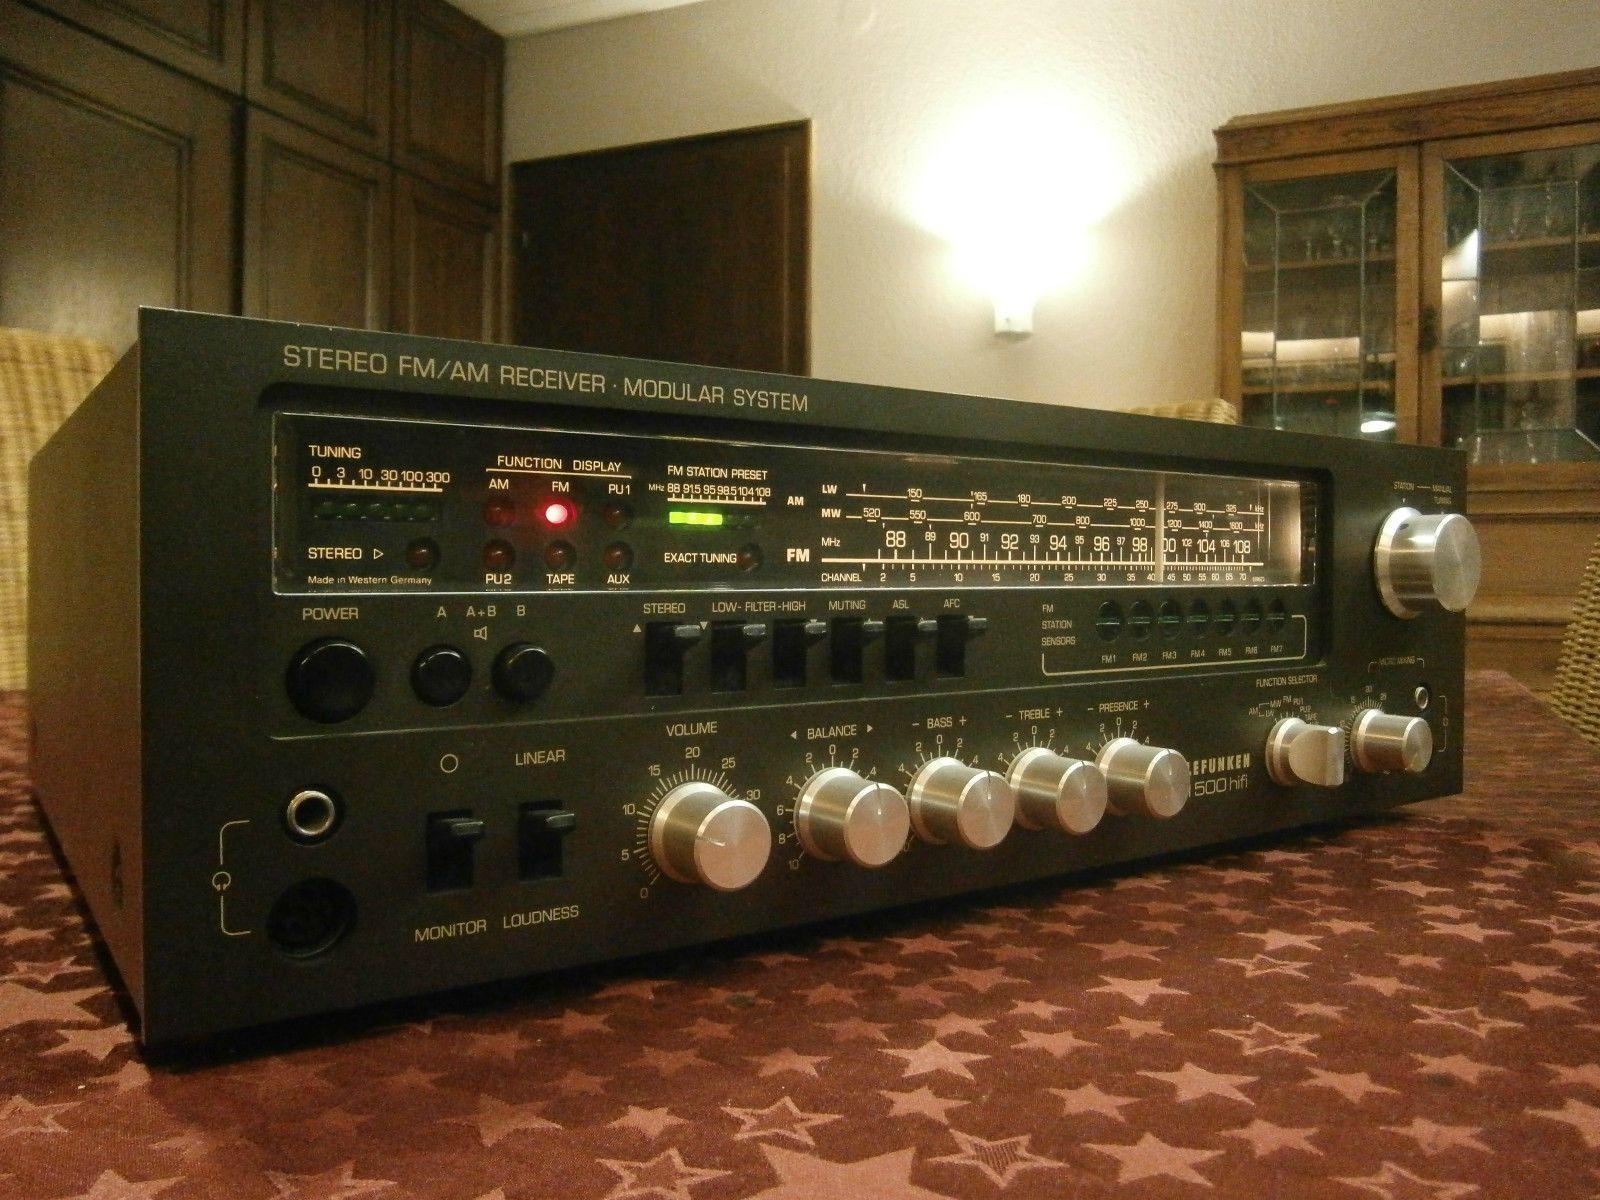 telefunken stereo receiver tr 500 stereo receiver. Black Bedroom Furniture Sets. Home Design Ideas